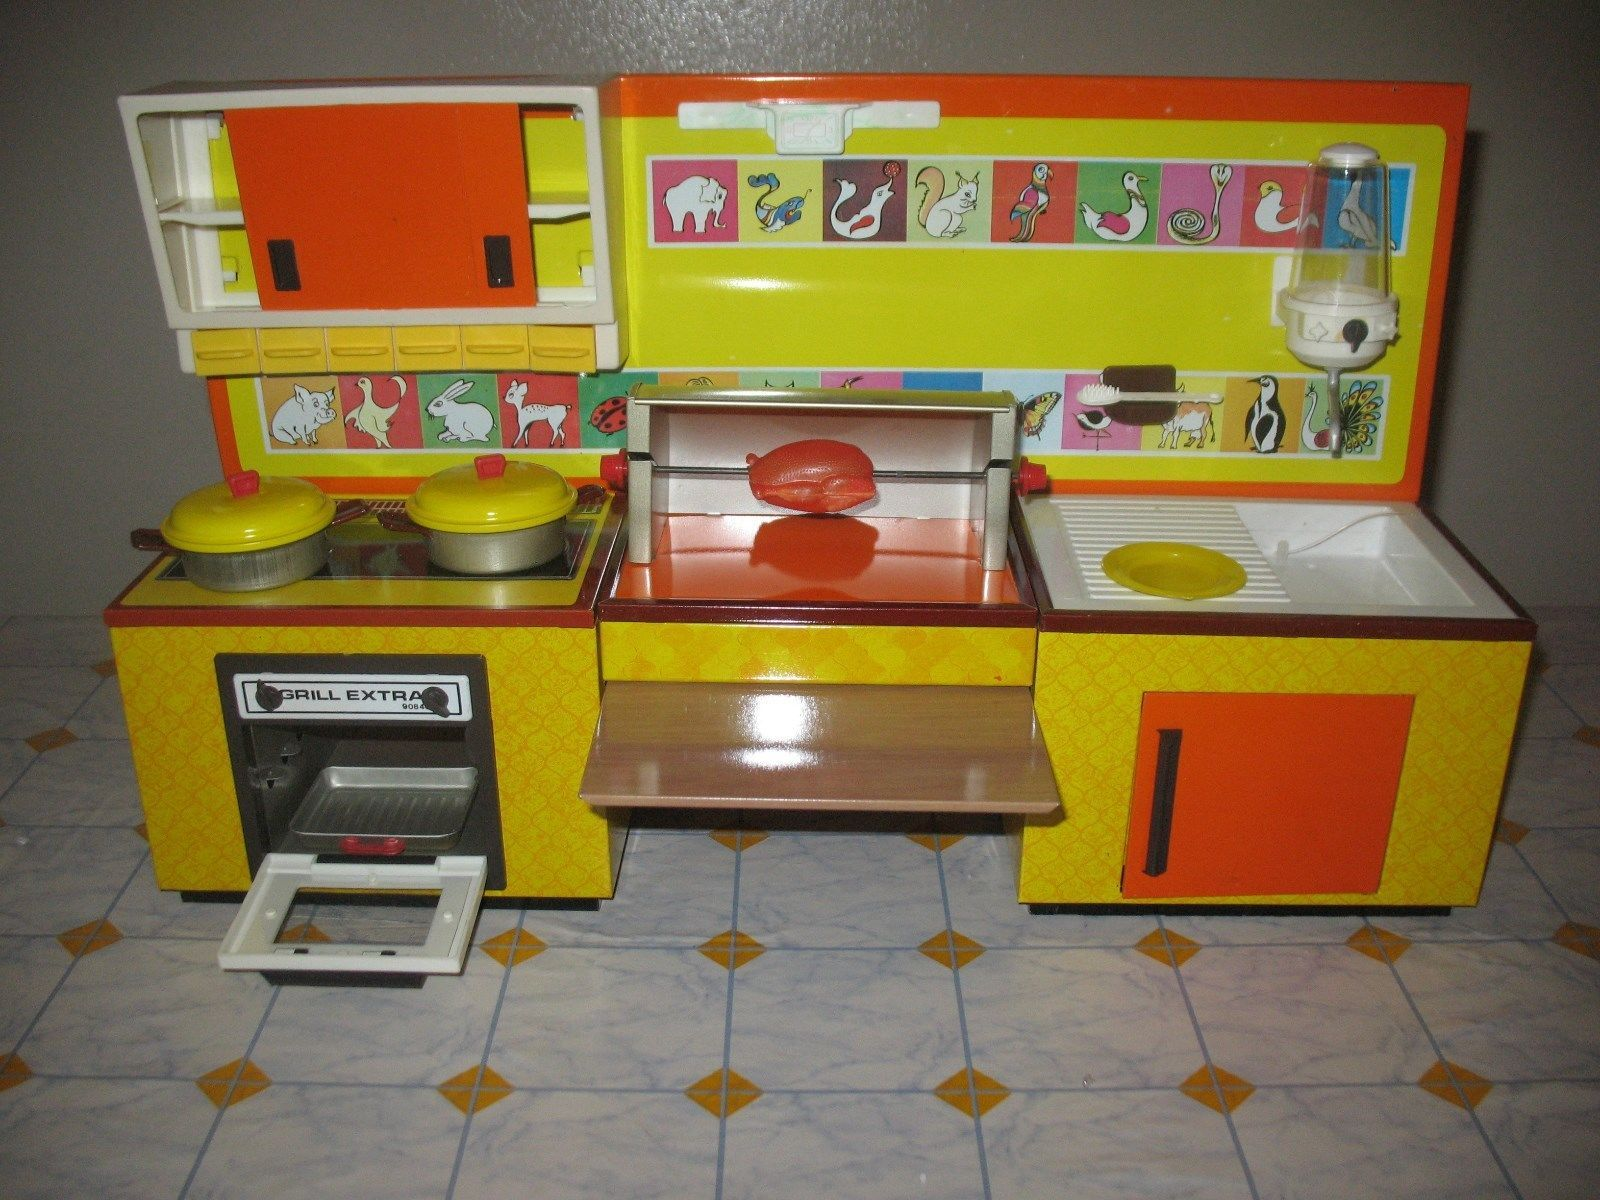 Cucina giocattolo in latta con accessori anni 80 in ottimo for Accessori cucina giocattolo